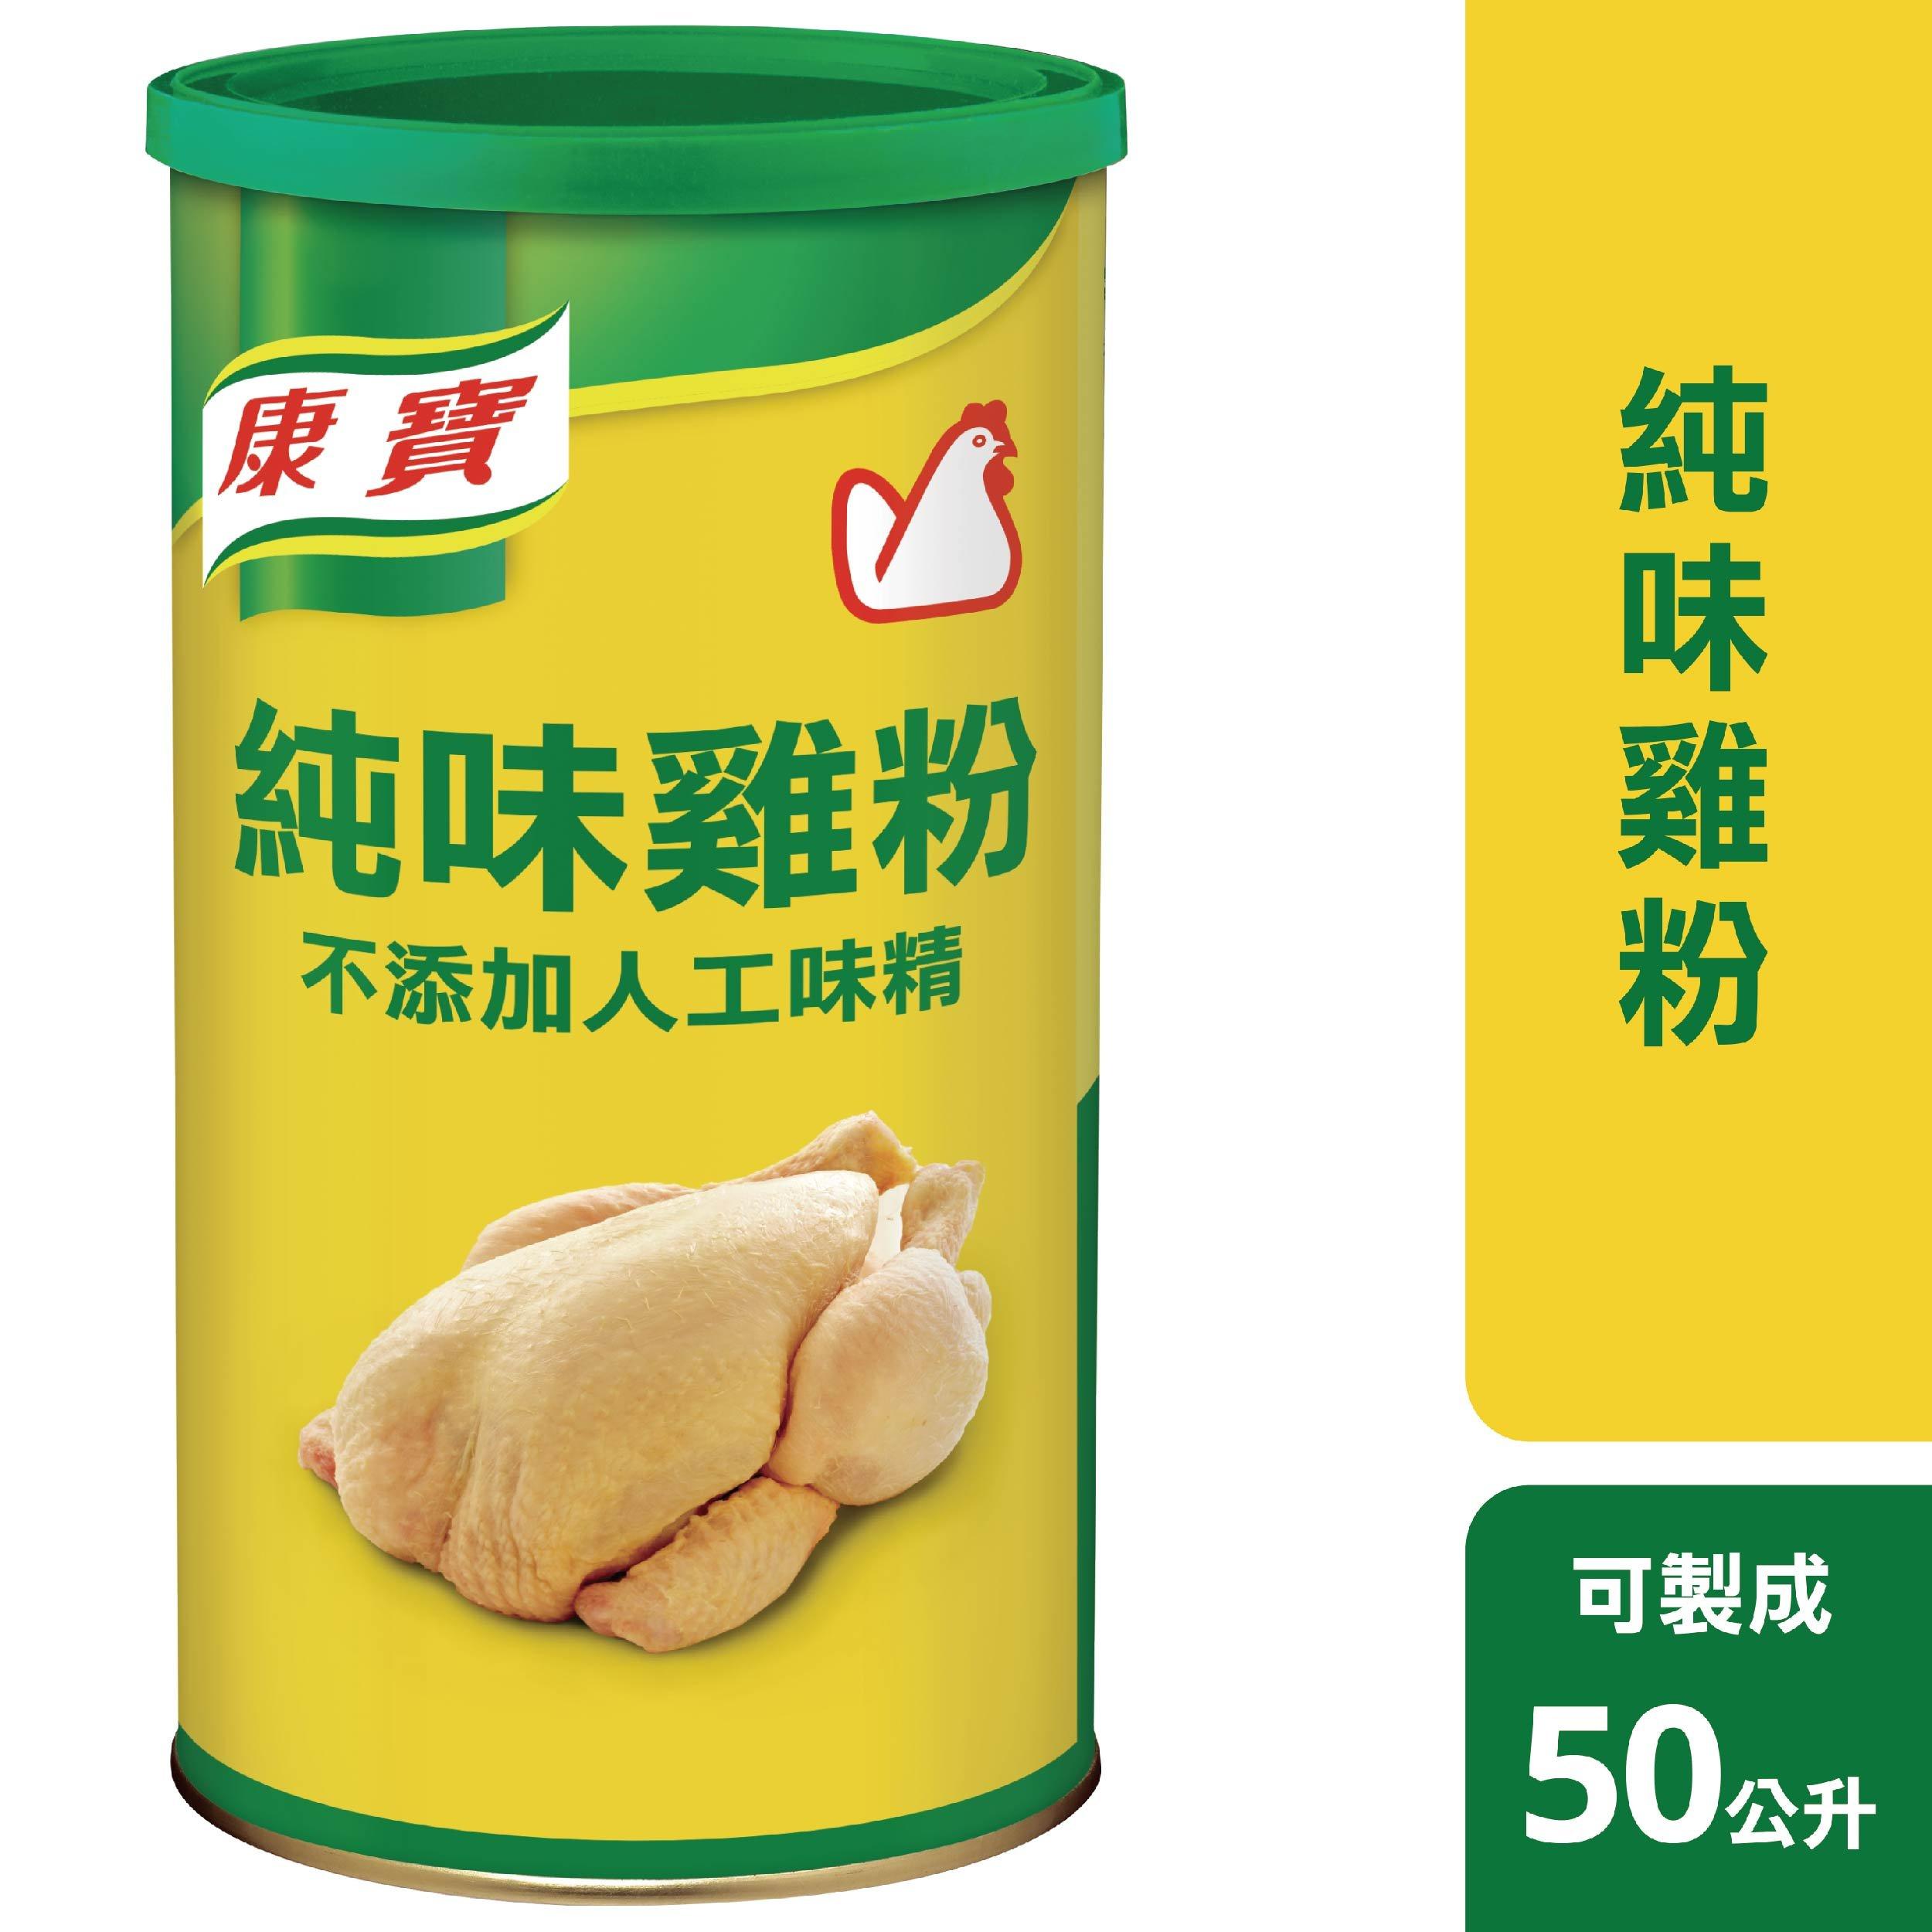 康寶純味雞粉